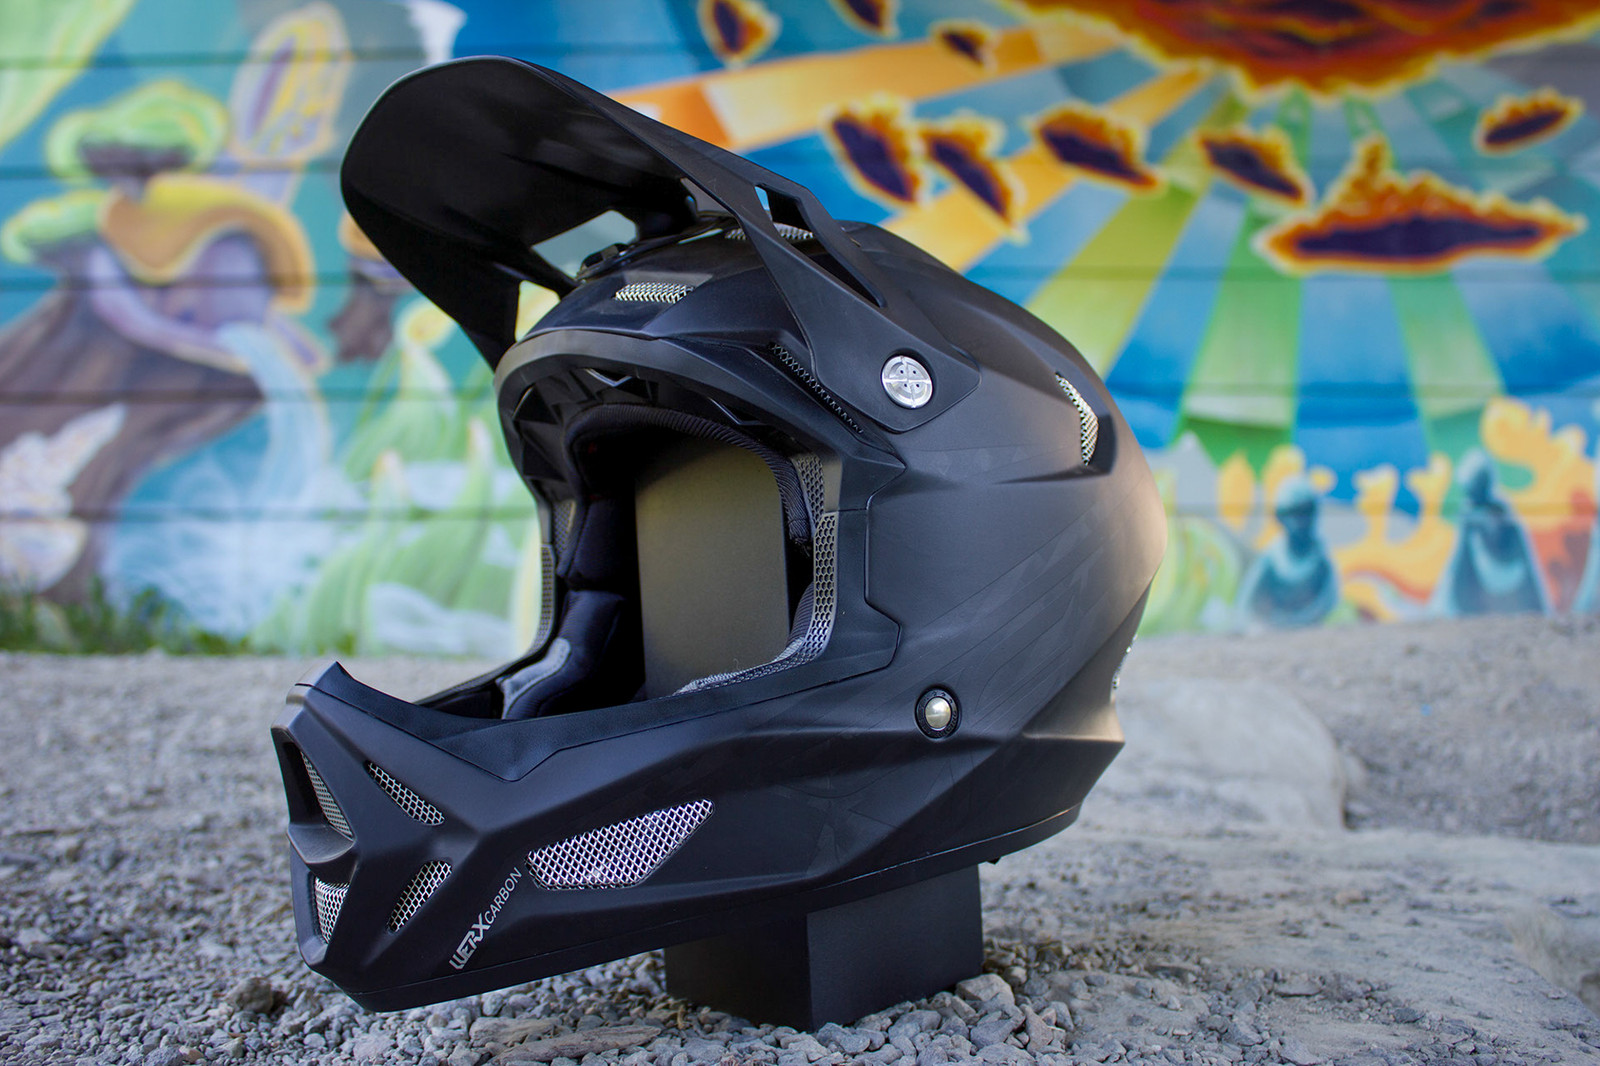 Fly Racing Werx Carbon Helmet - Bonus Gallery - First Look: Fly Racing Werx Carbon Helmet - Bonus Gallery - Mountain Biking Pictures - Vital MTB